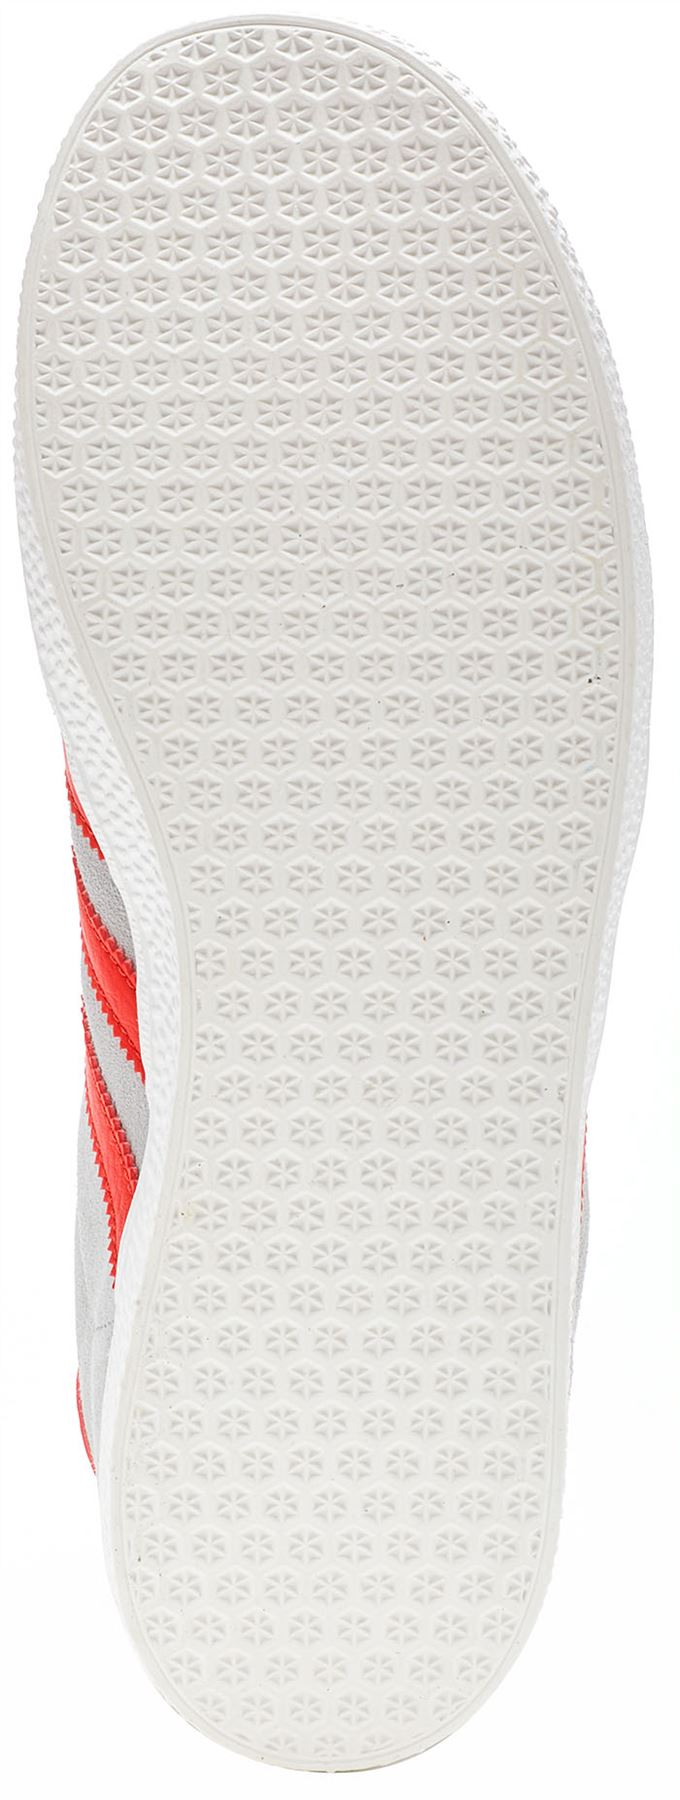 adidas in originals gazelle gs ausbilder in adidas schwarz - grau in allen größen 9fc39e